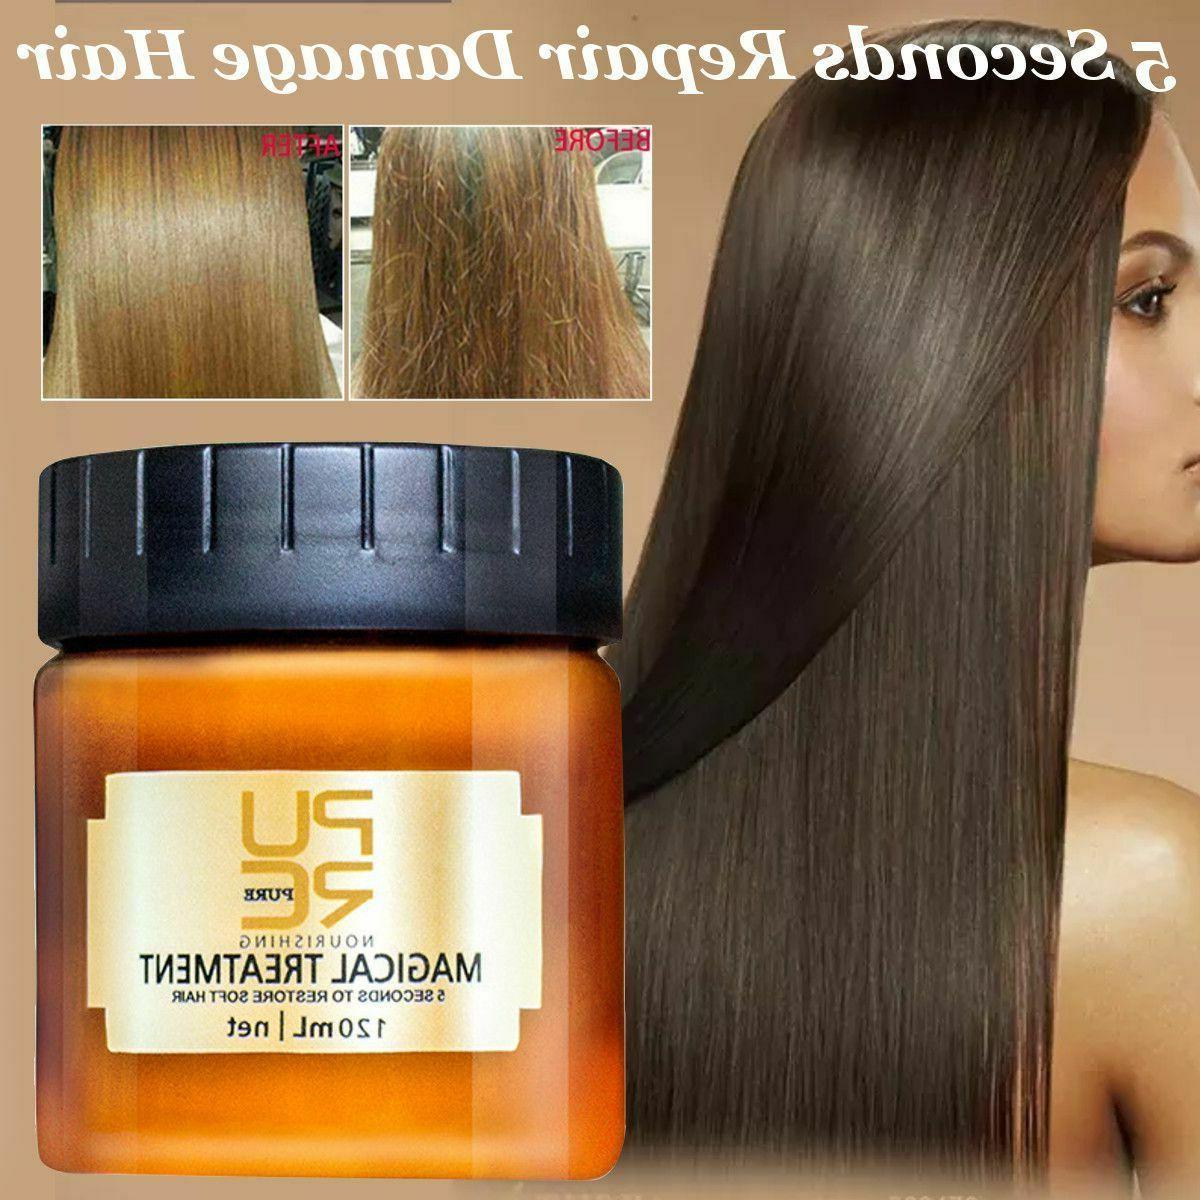 PURC Treatment 5 Restore Soft Hair 60 120mL